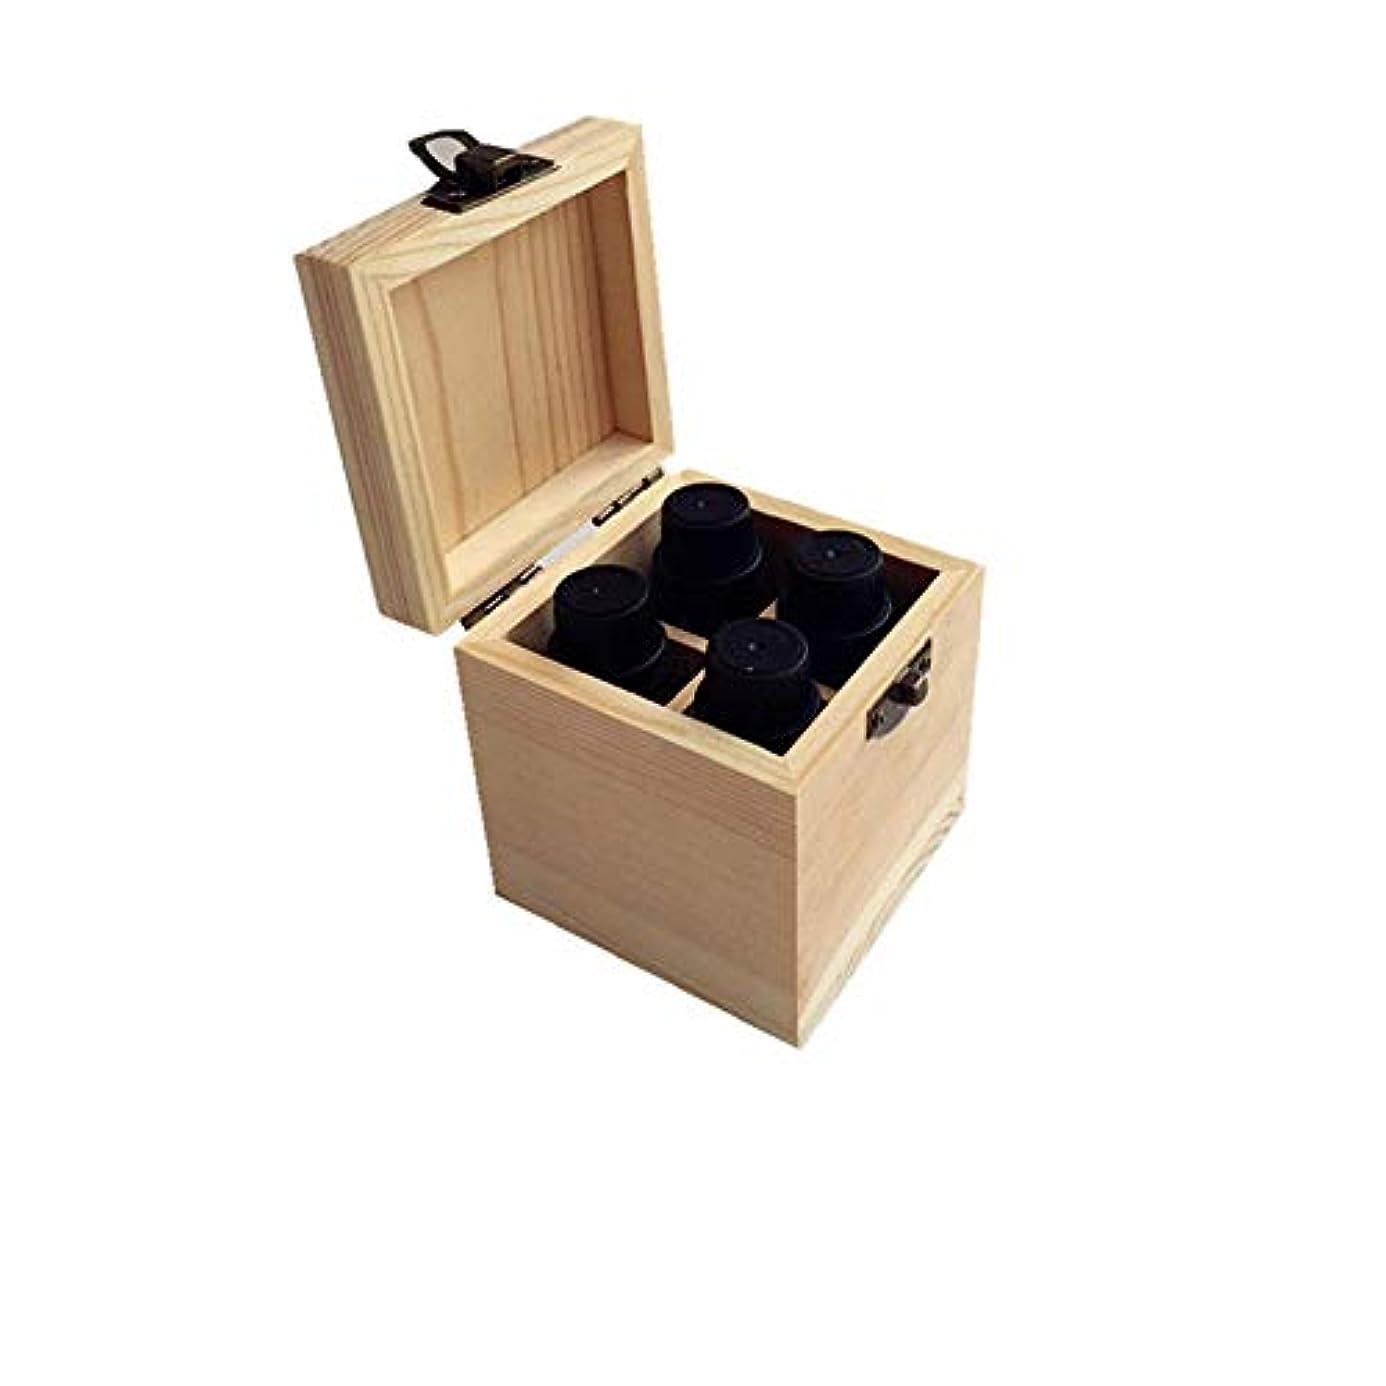 顎放つ警報エッセンシャルオイルストレージボックス 4スロットの品質の木製エッセンシャルオイルストレージボックス 旅行およびプレゼンテーション用 (色 : Natural, サイズ : 8X8X9CM)